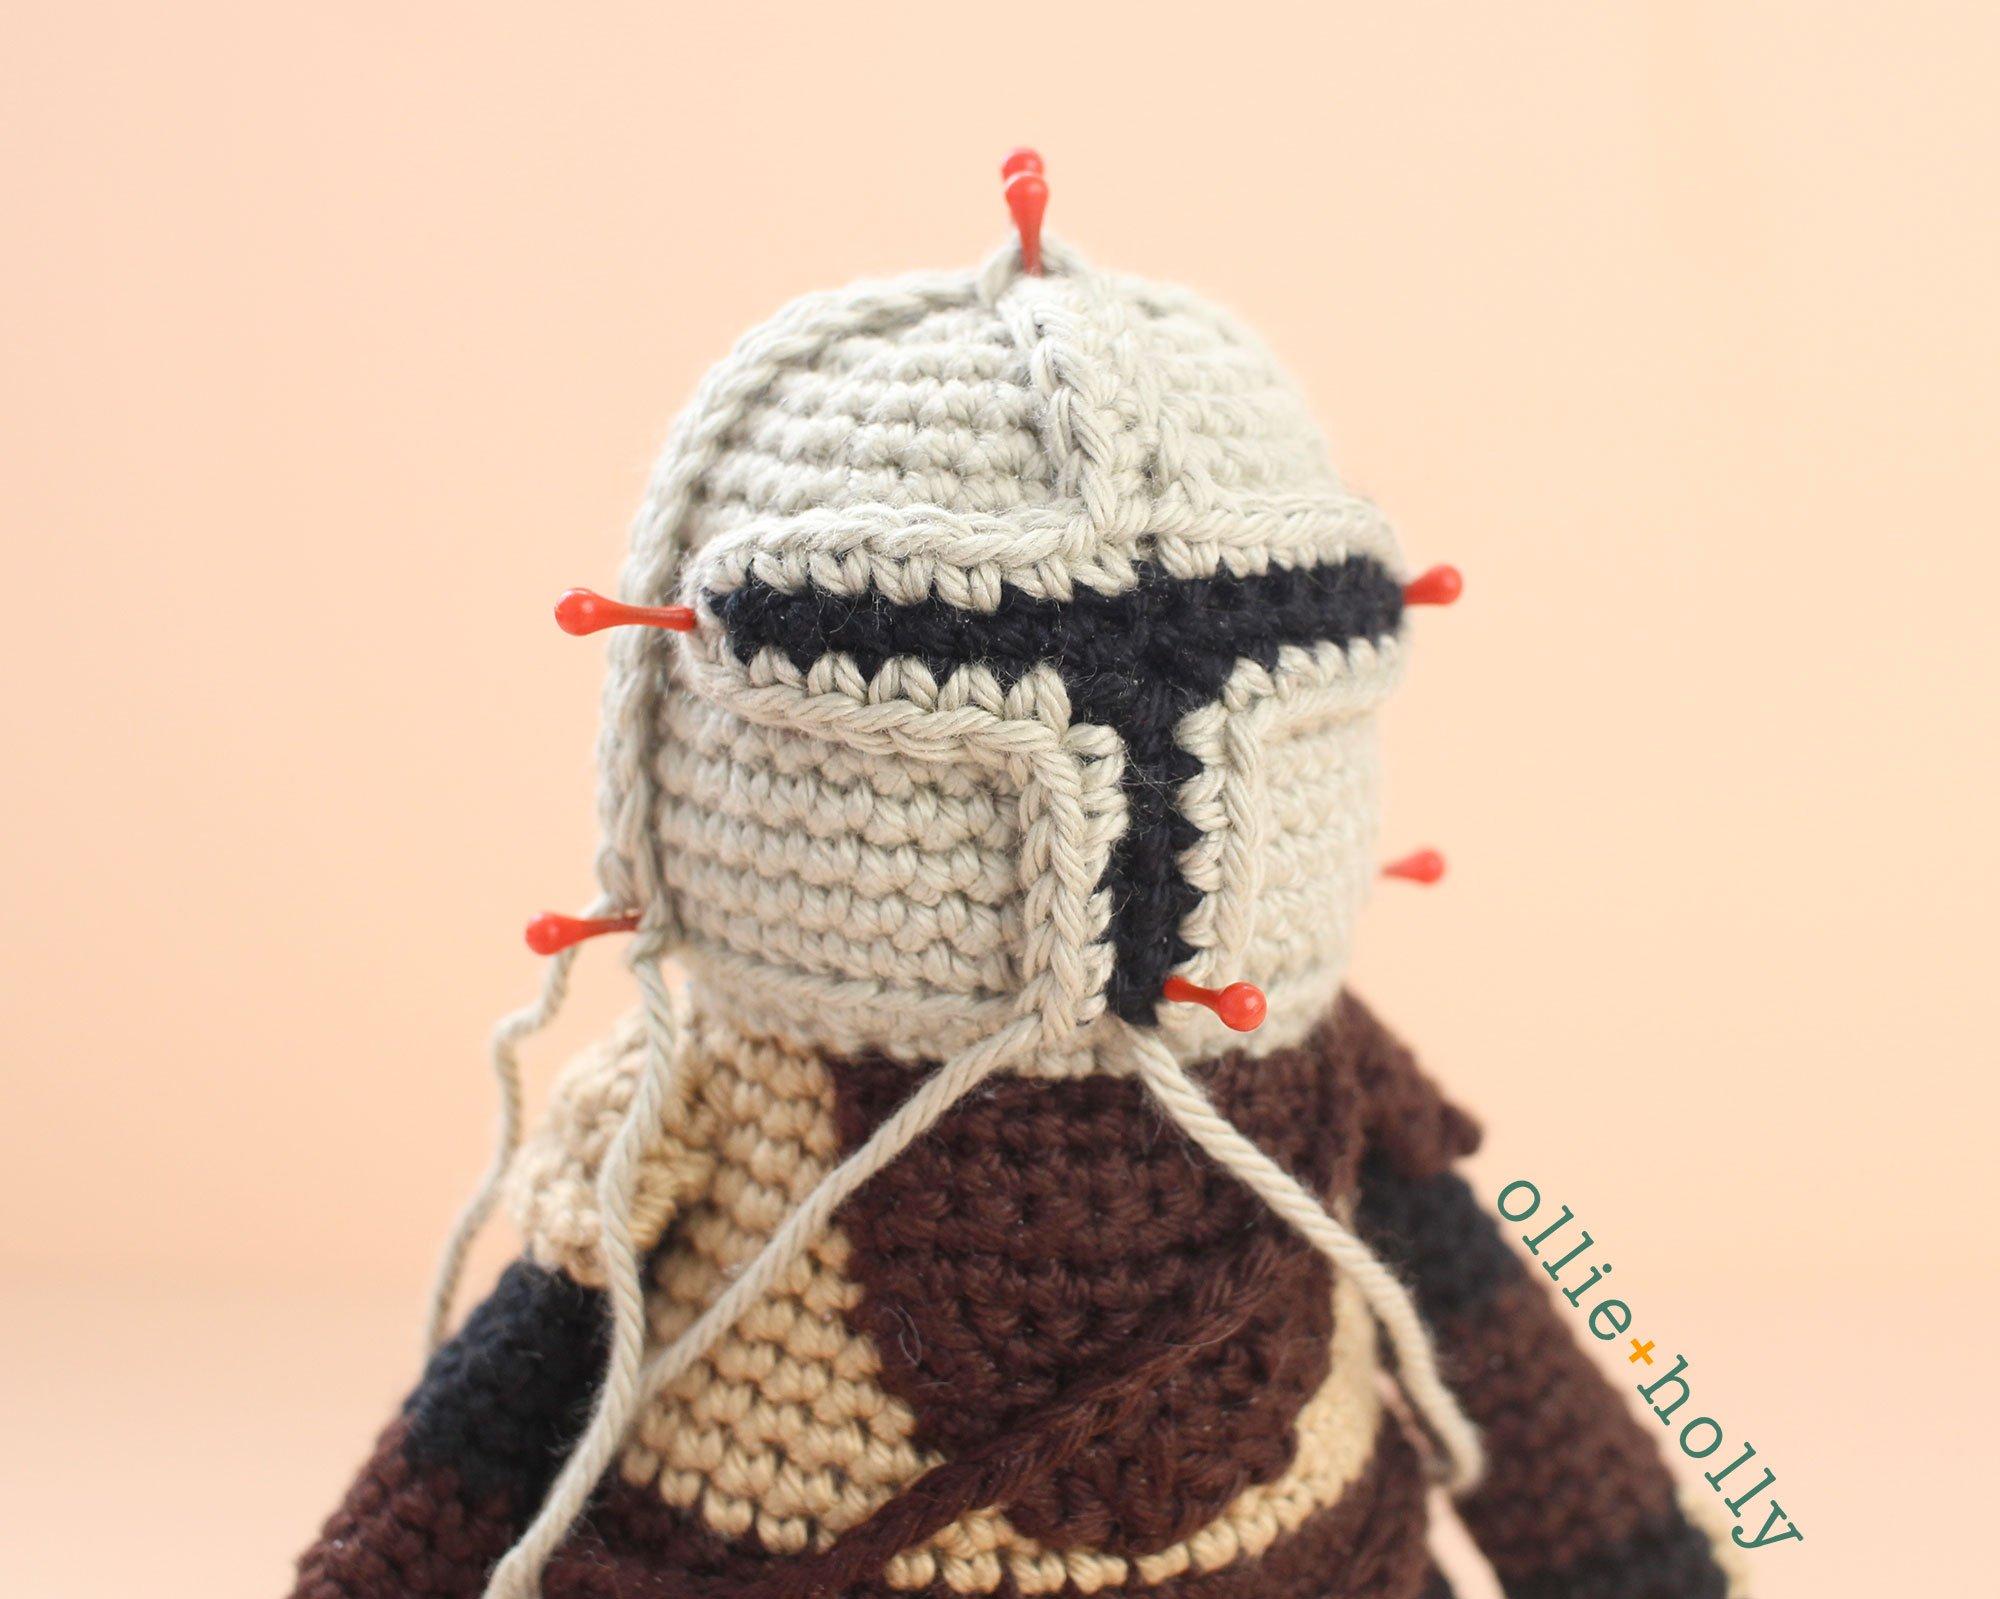 Free Mandalorian Din Djarin Amigurumi Crochet Pattern Assembly Step 11